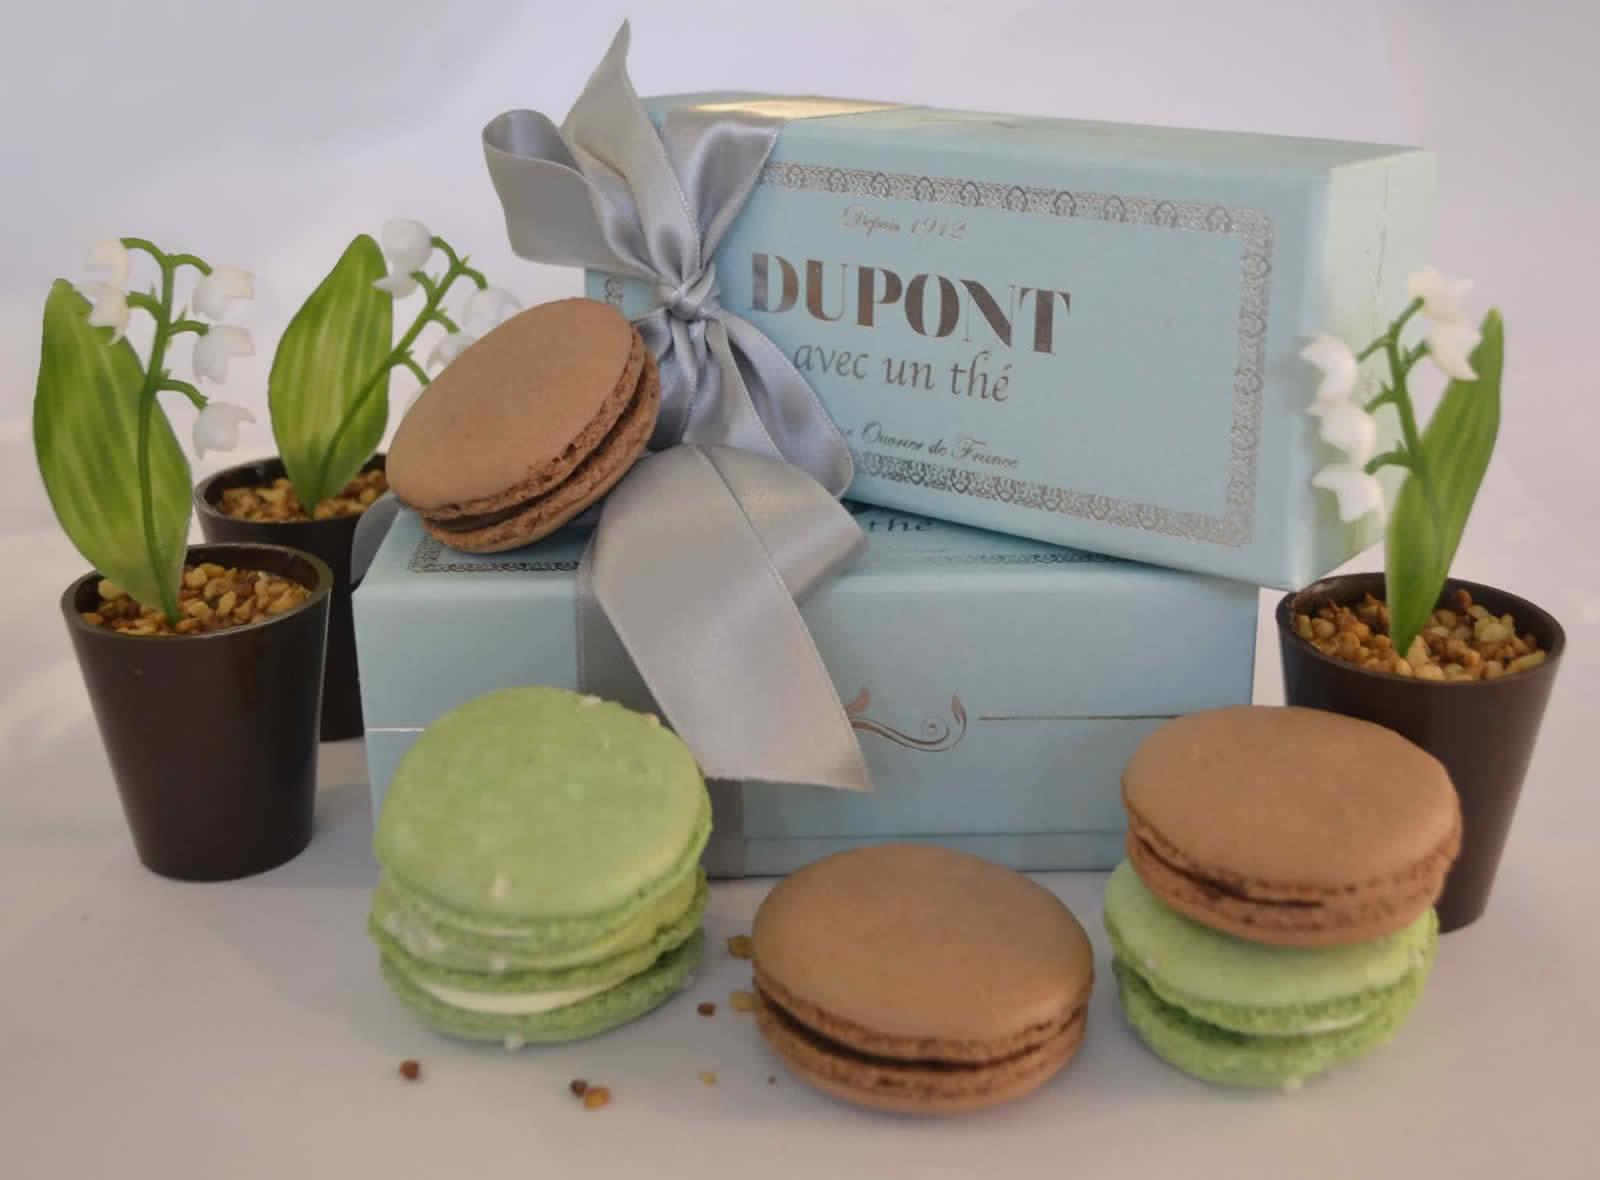 dupont-avec-un-the-chocolatier-patissier-specialites-normandes